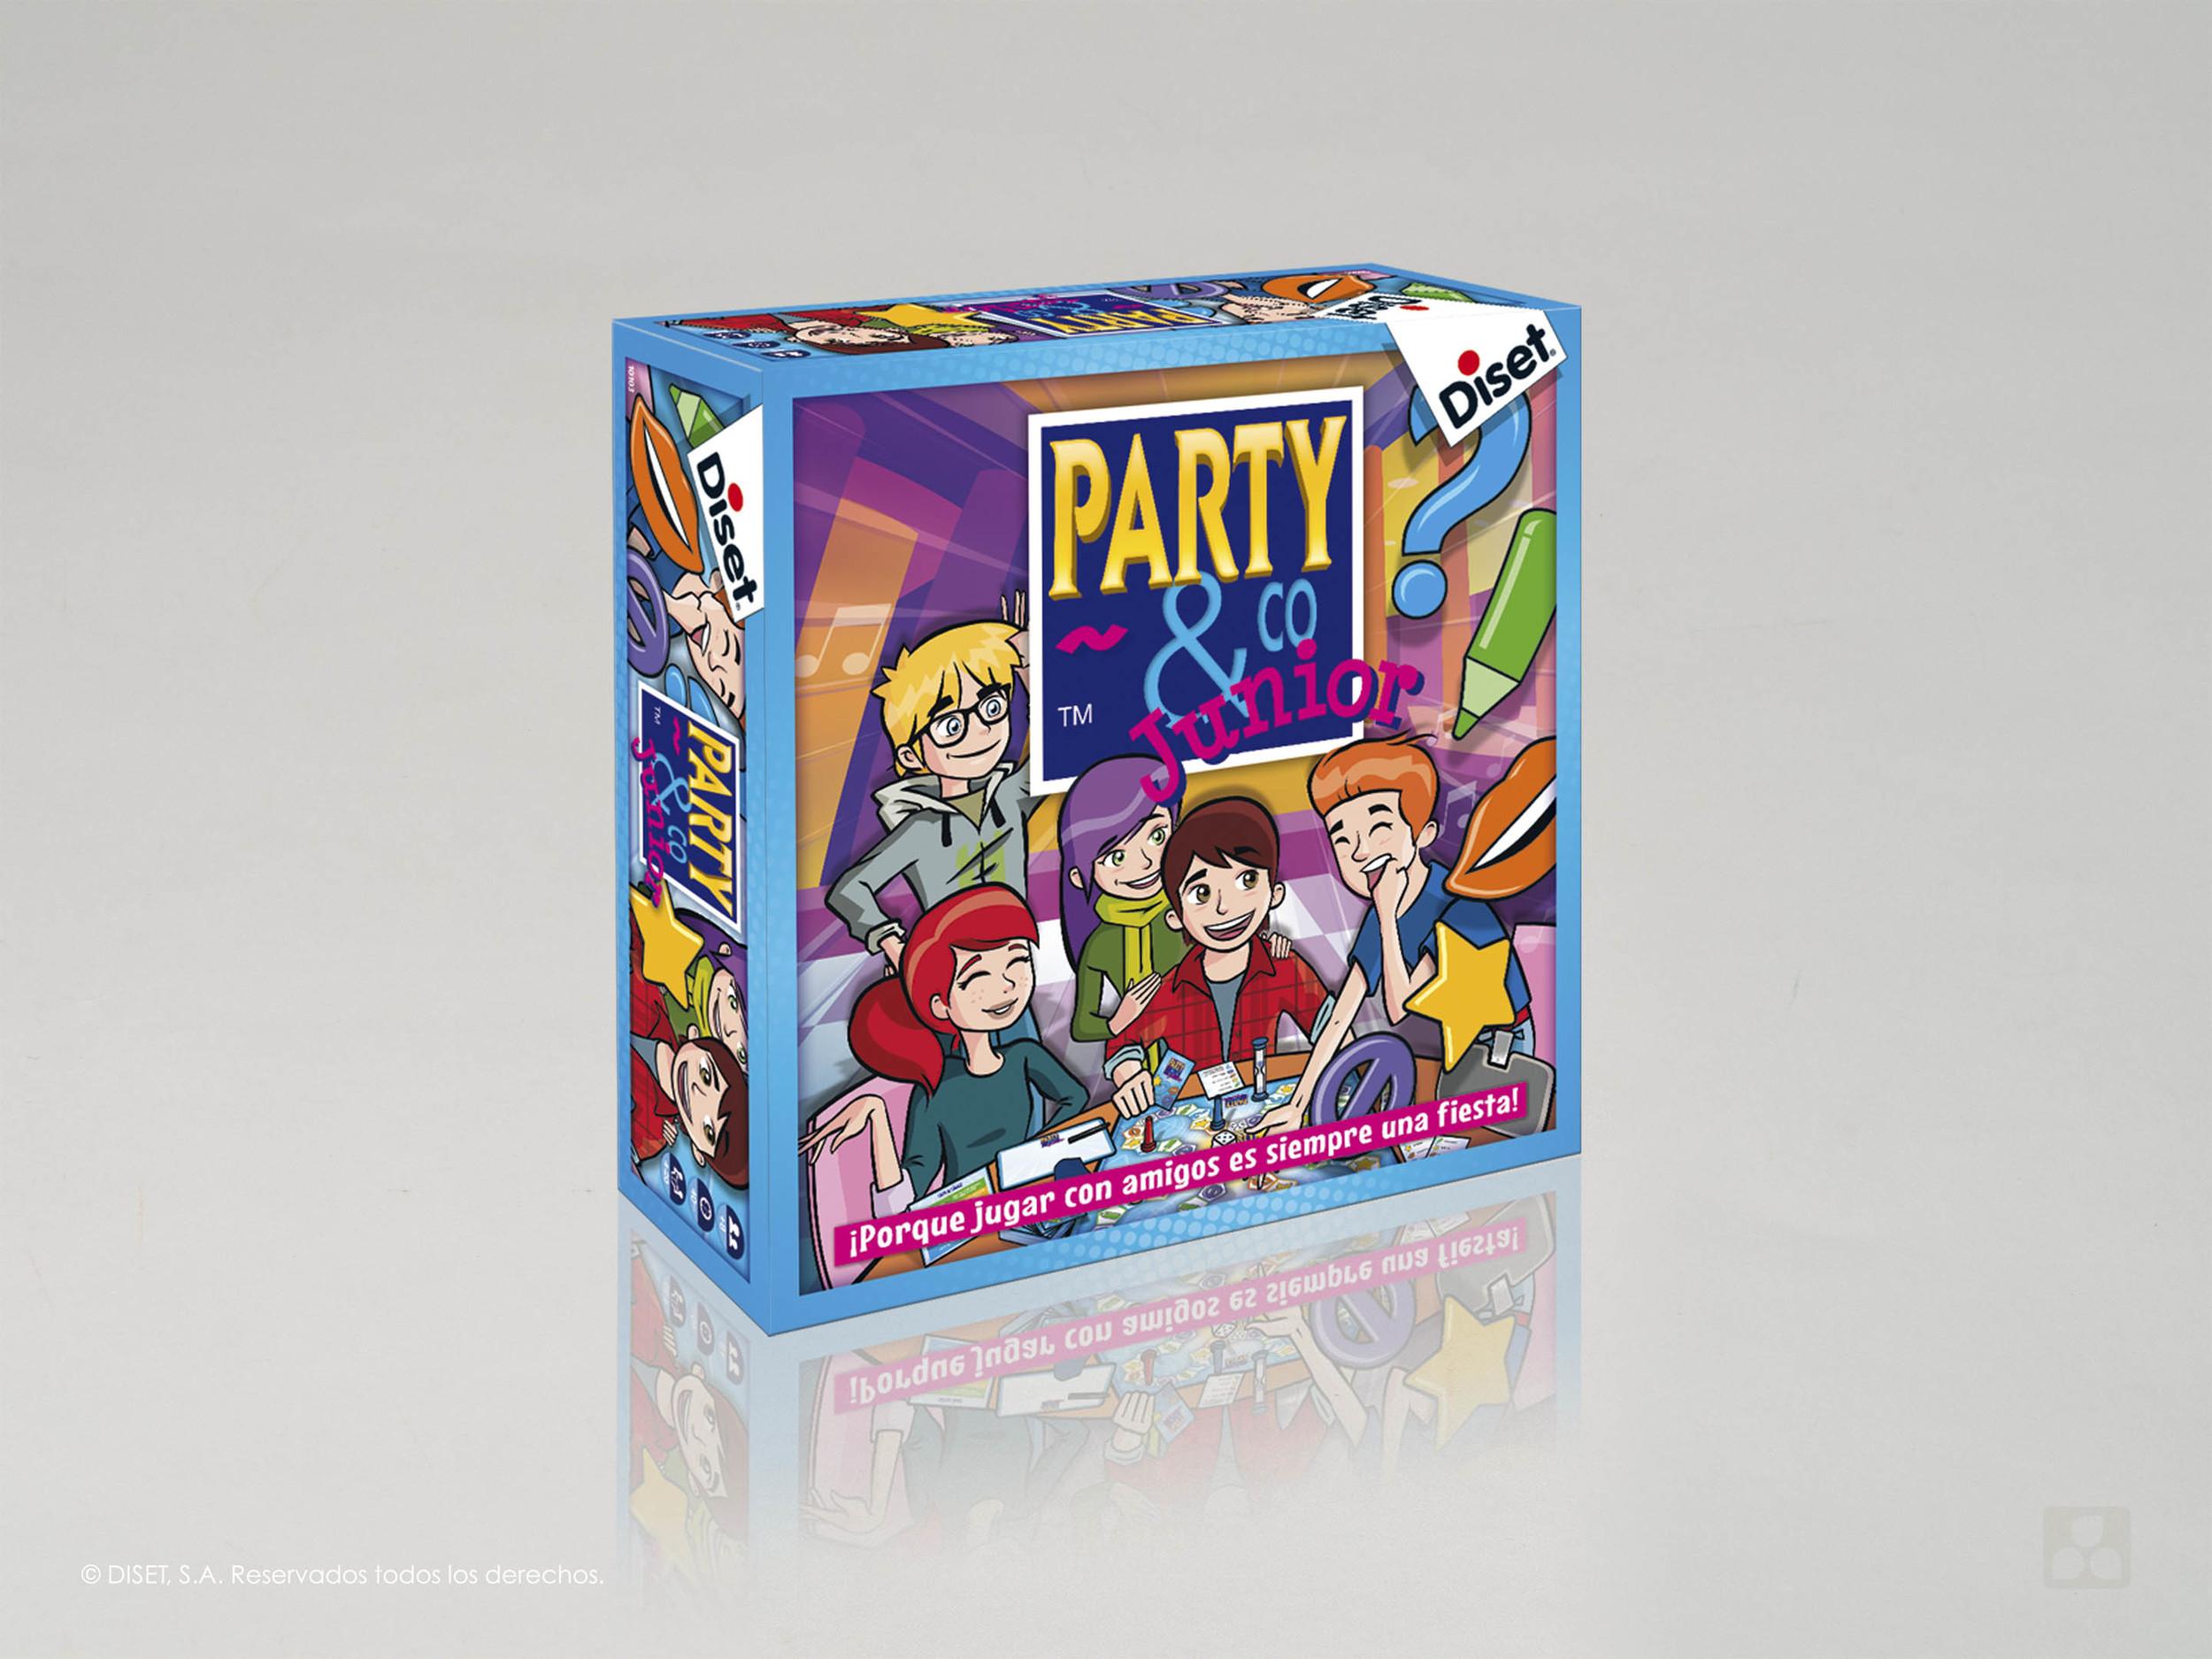 partyjunior2013.jpg